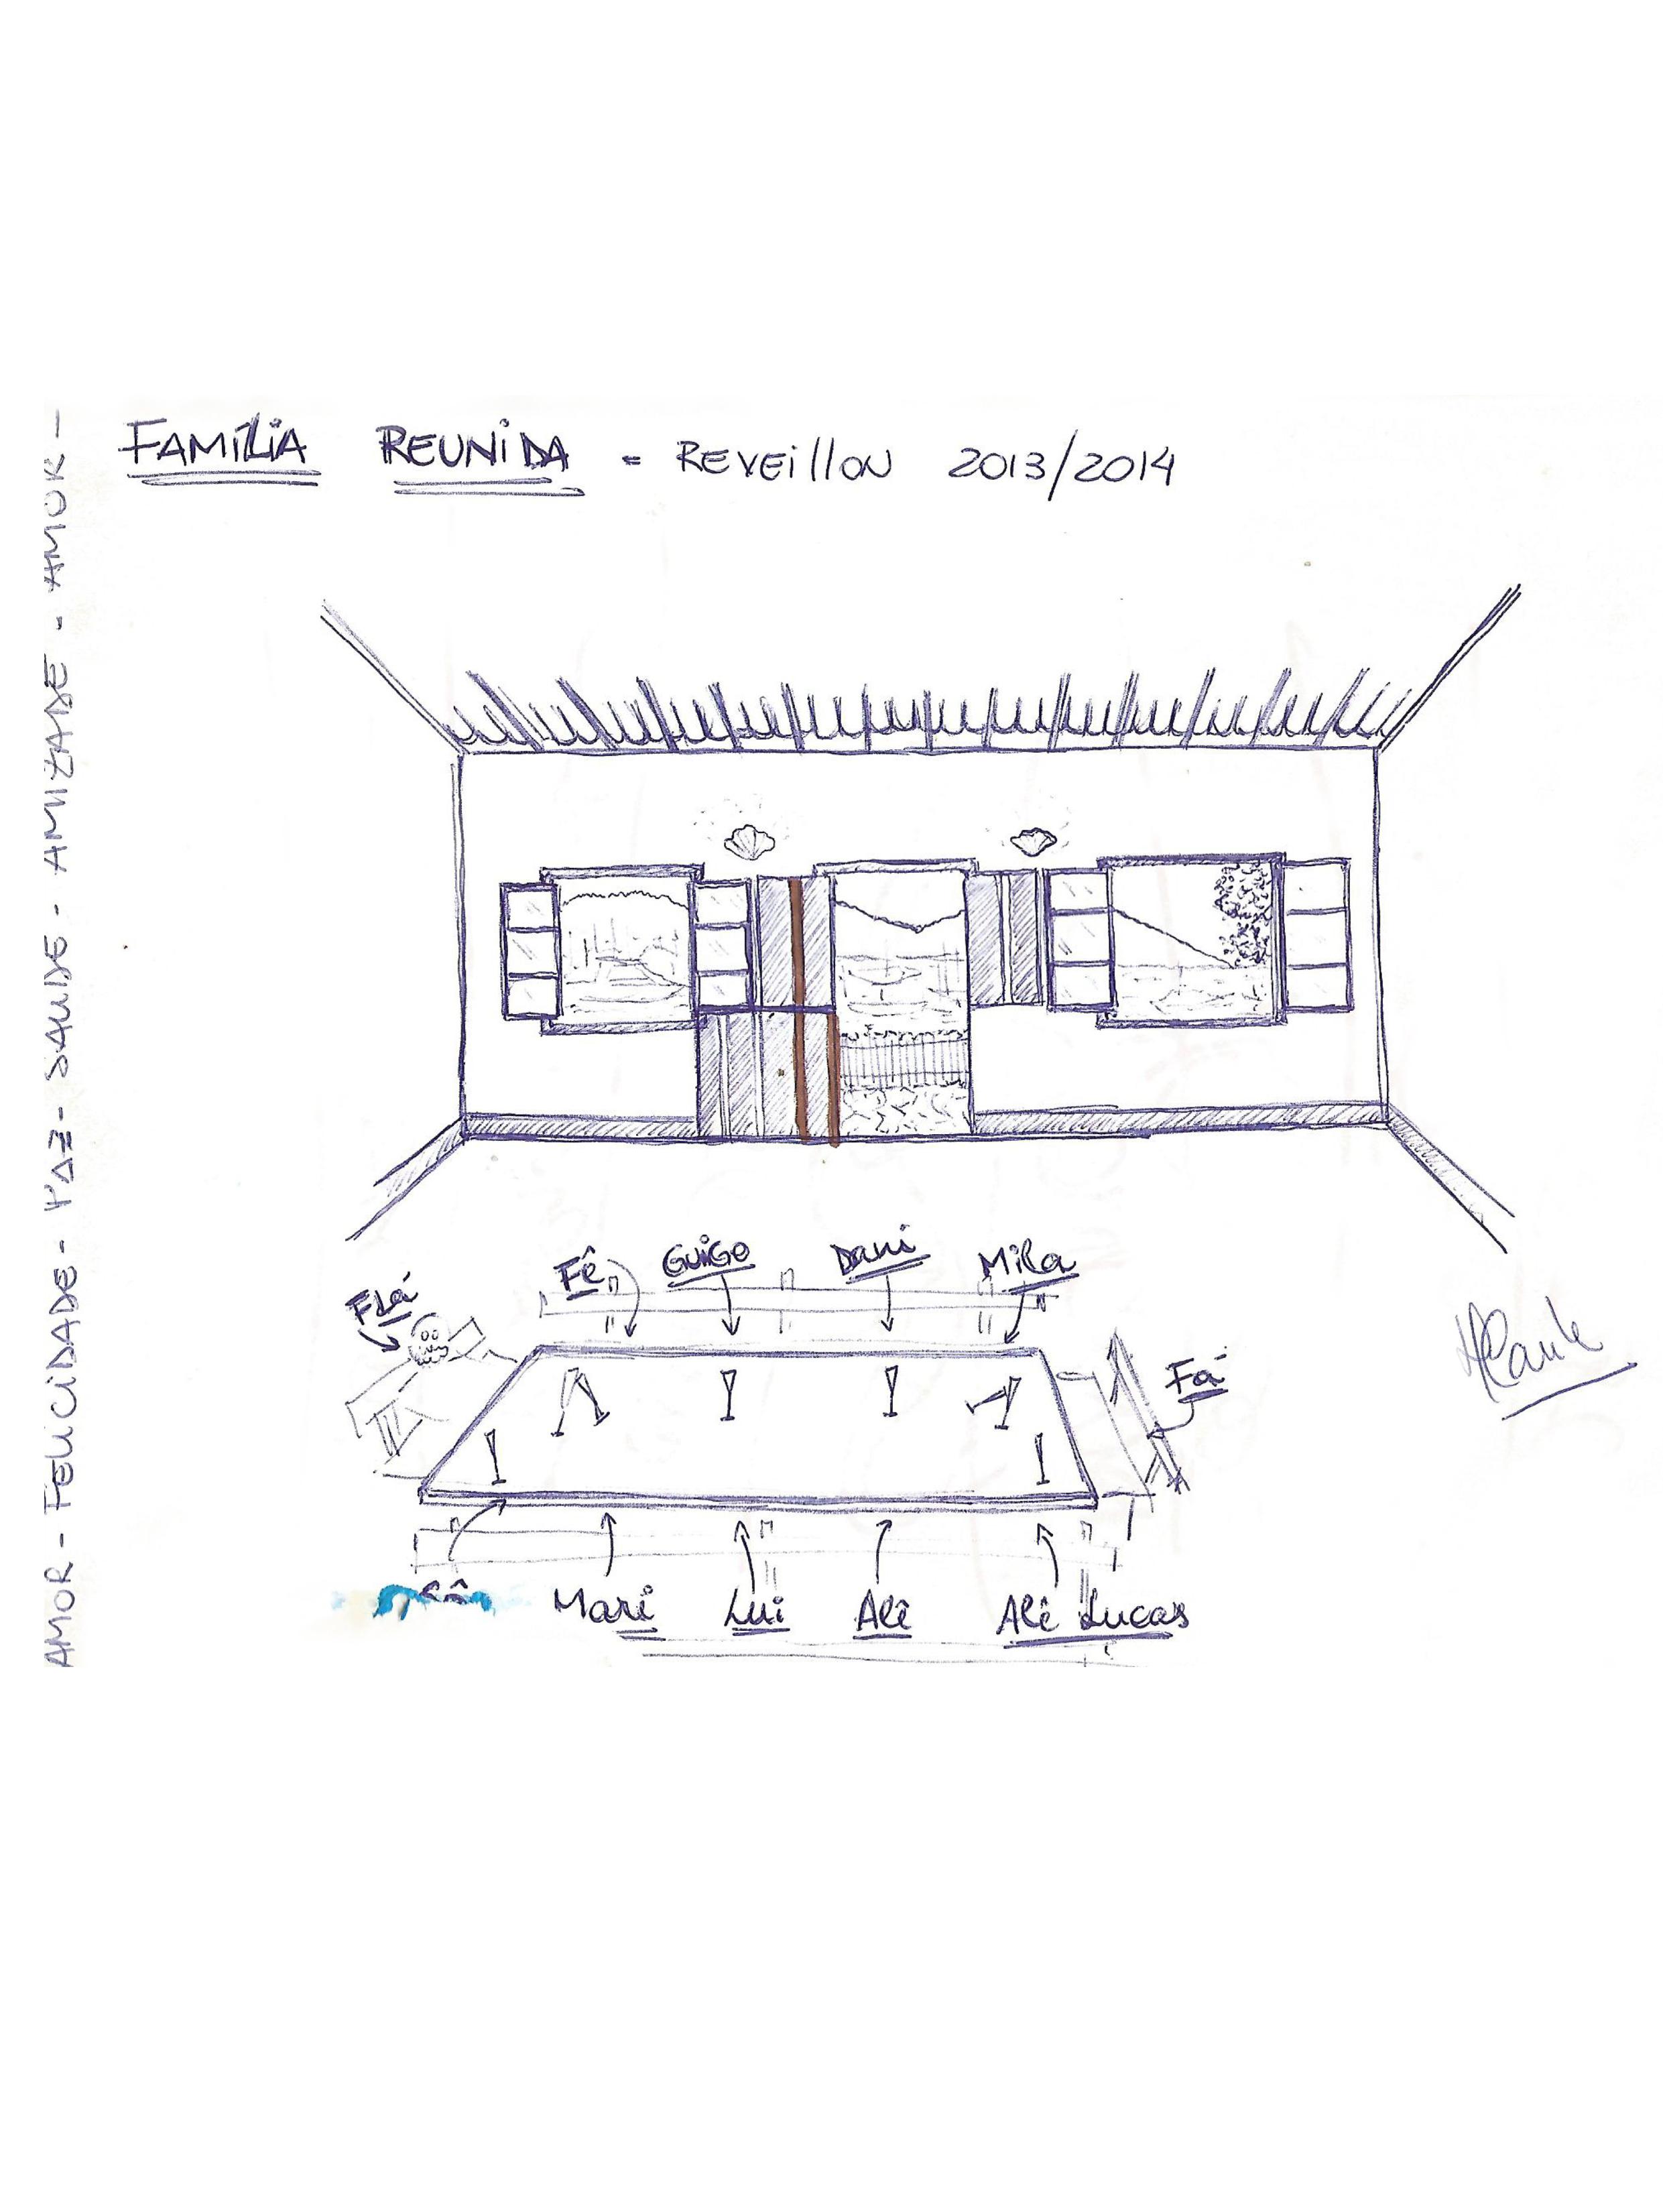 diario-casa-do-canto_05.jpg